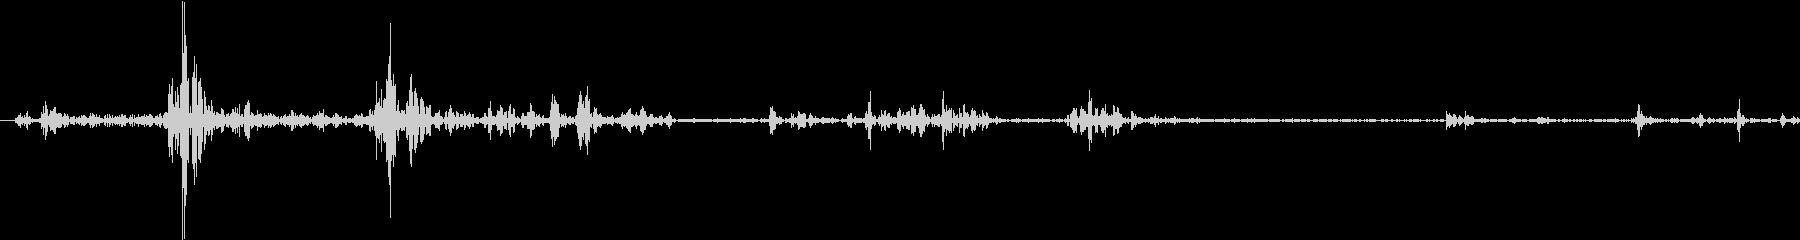 Tap ベチャッとした質感のタップ音 4の未再生の波形